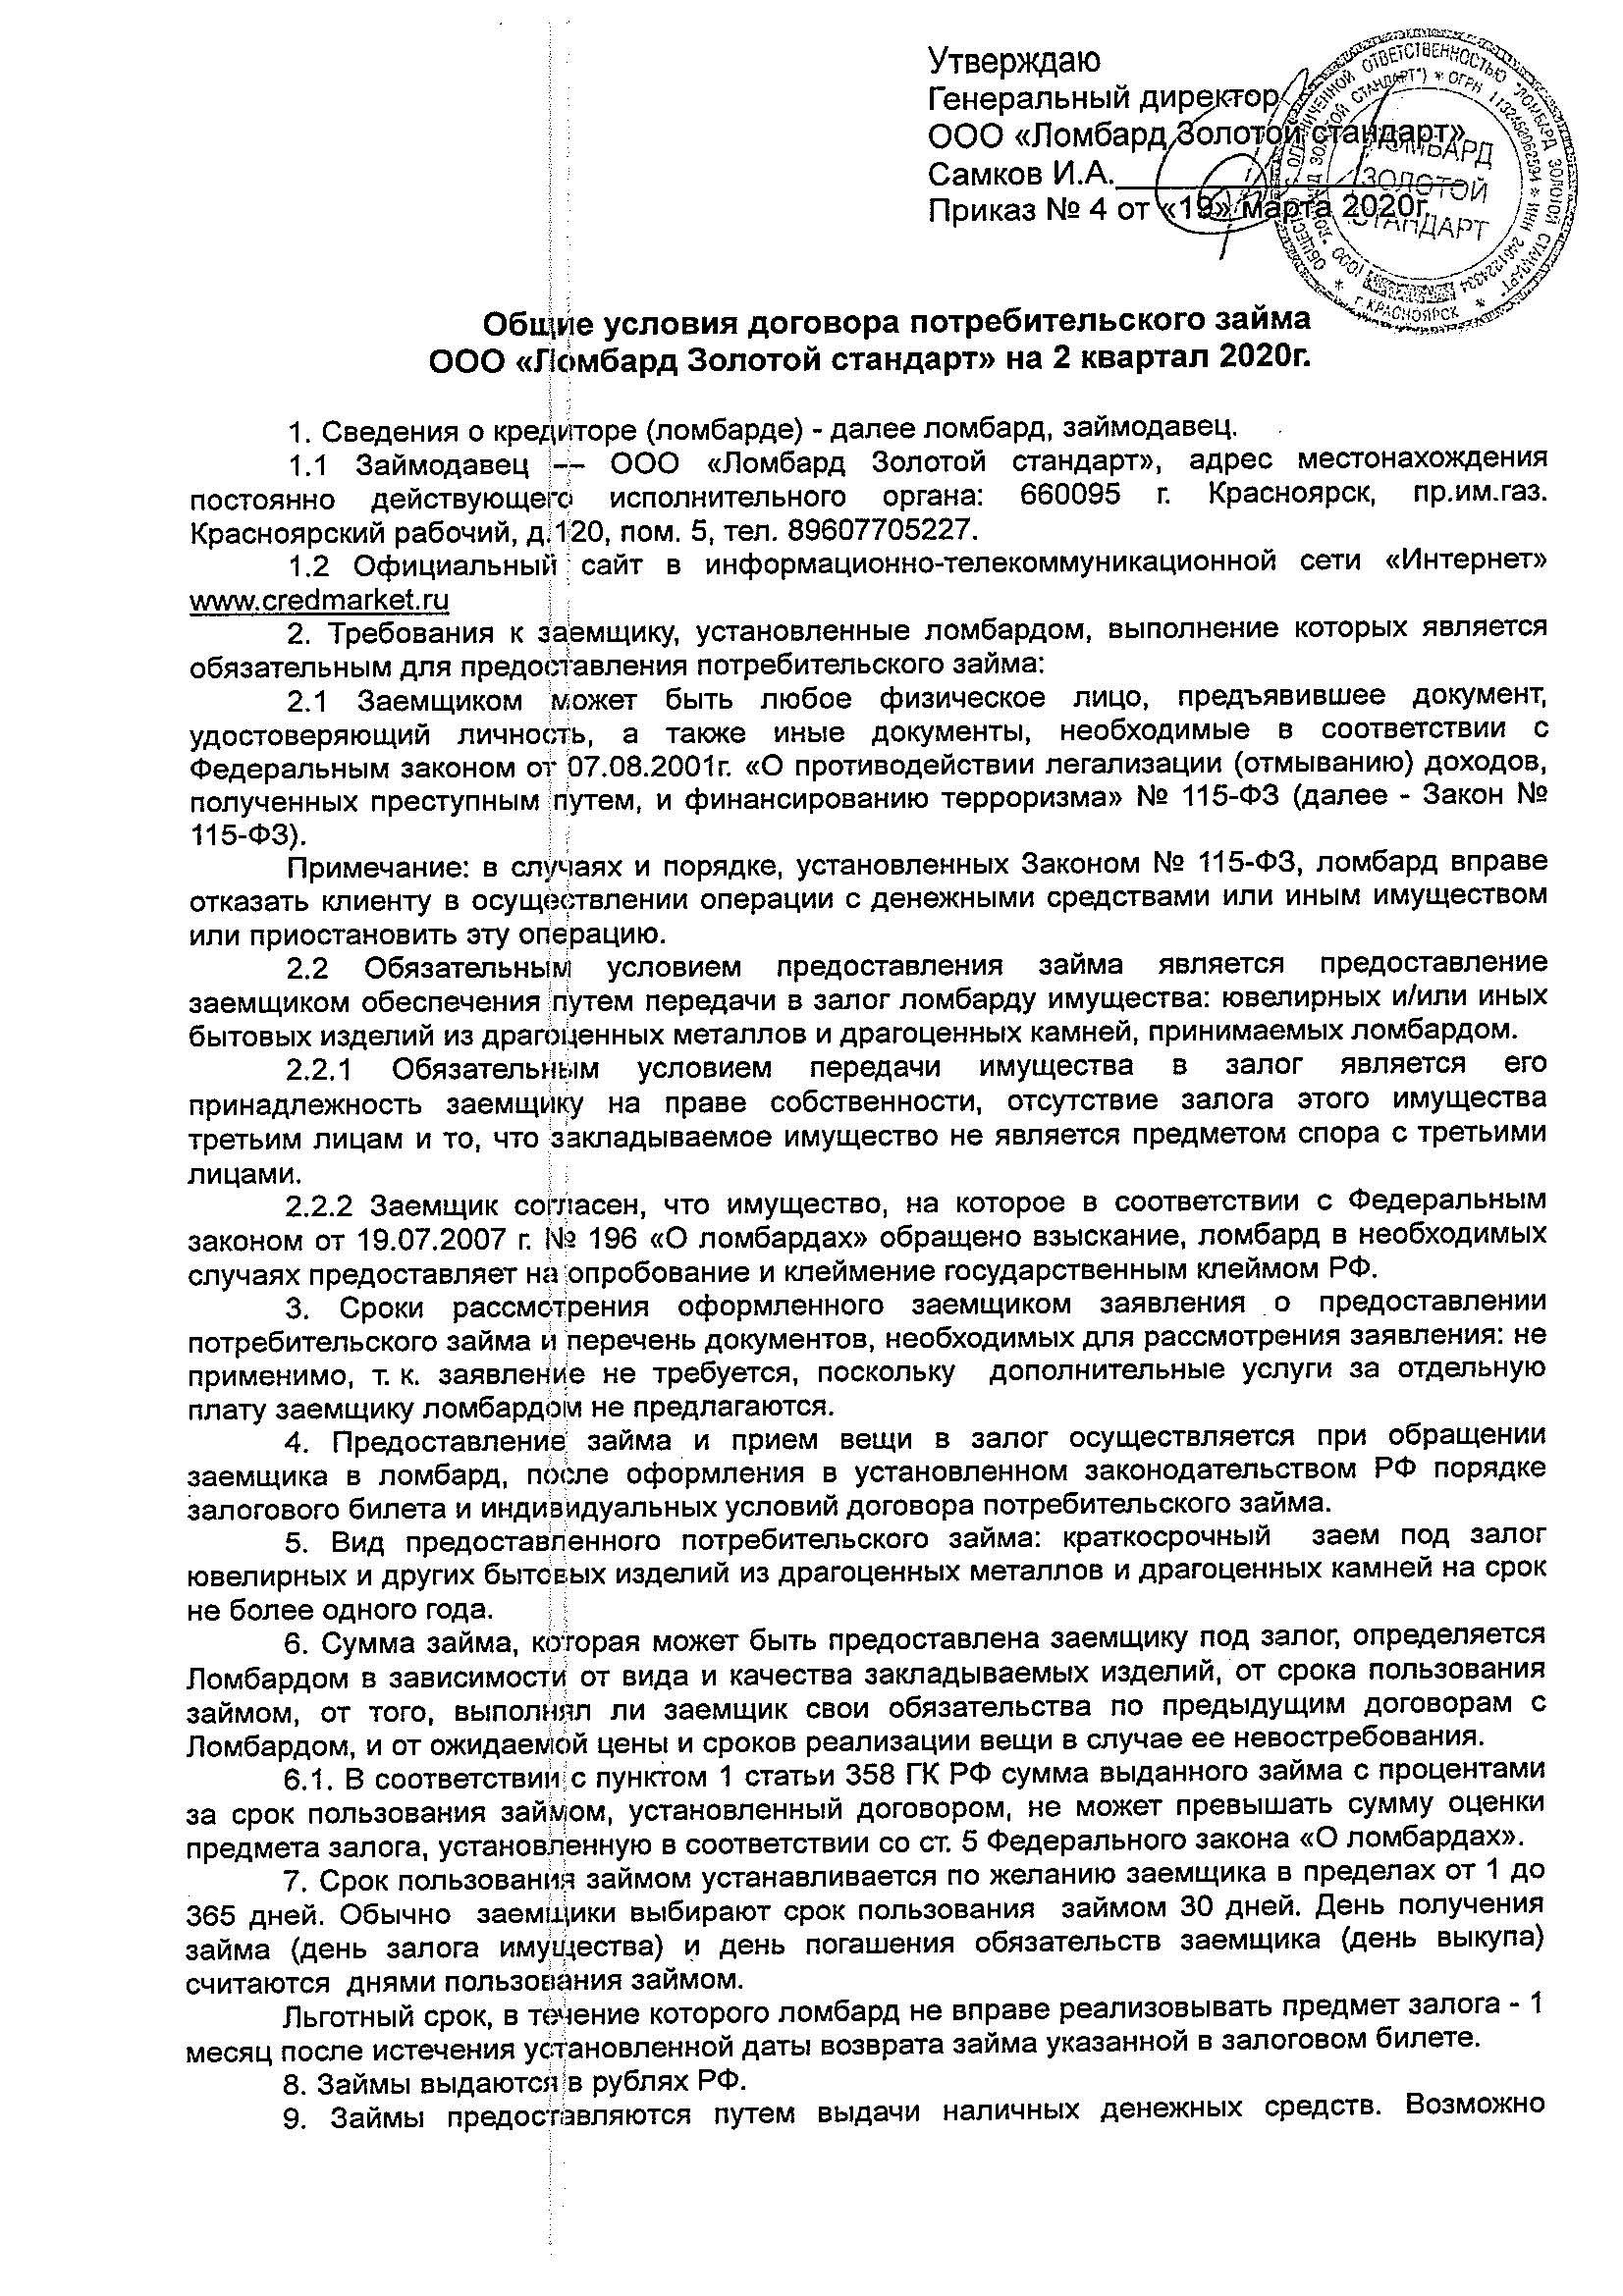 лига ломбардов общие условия договора потребительского займа